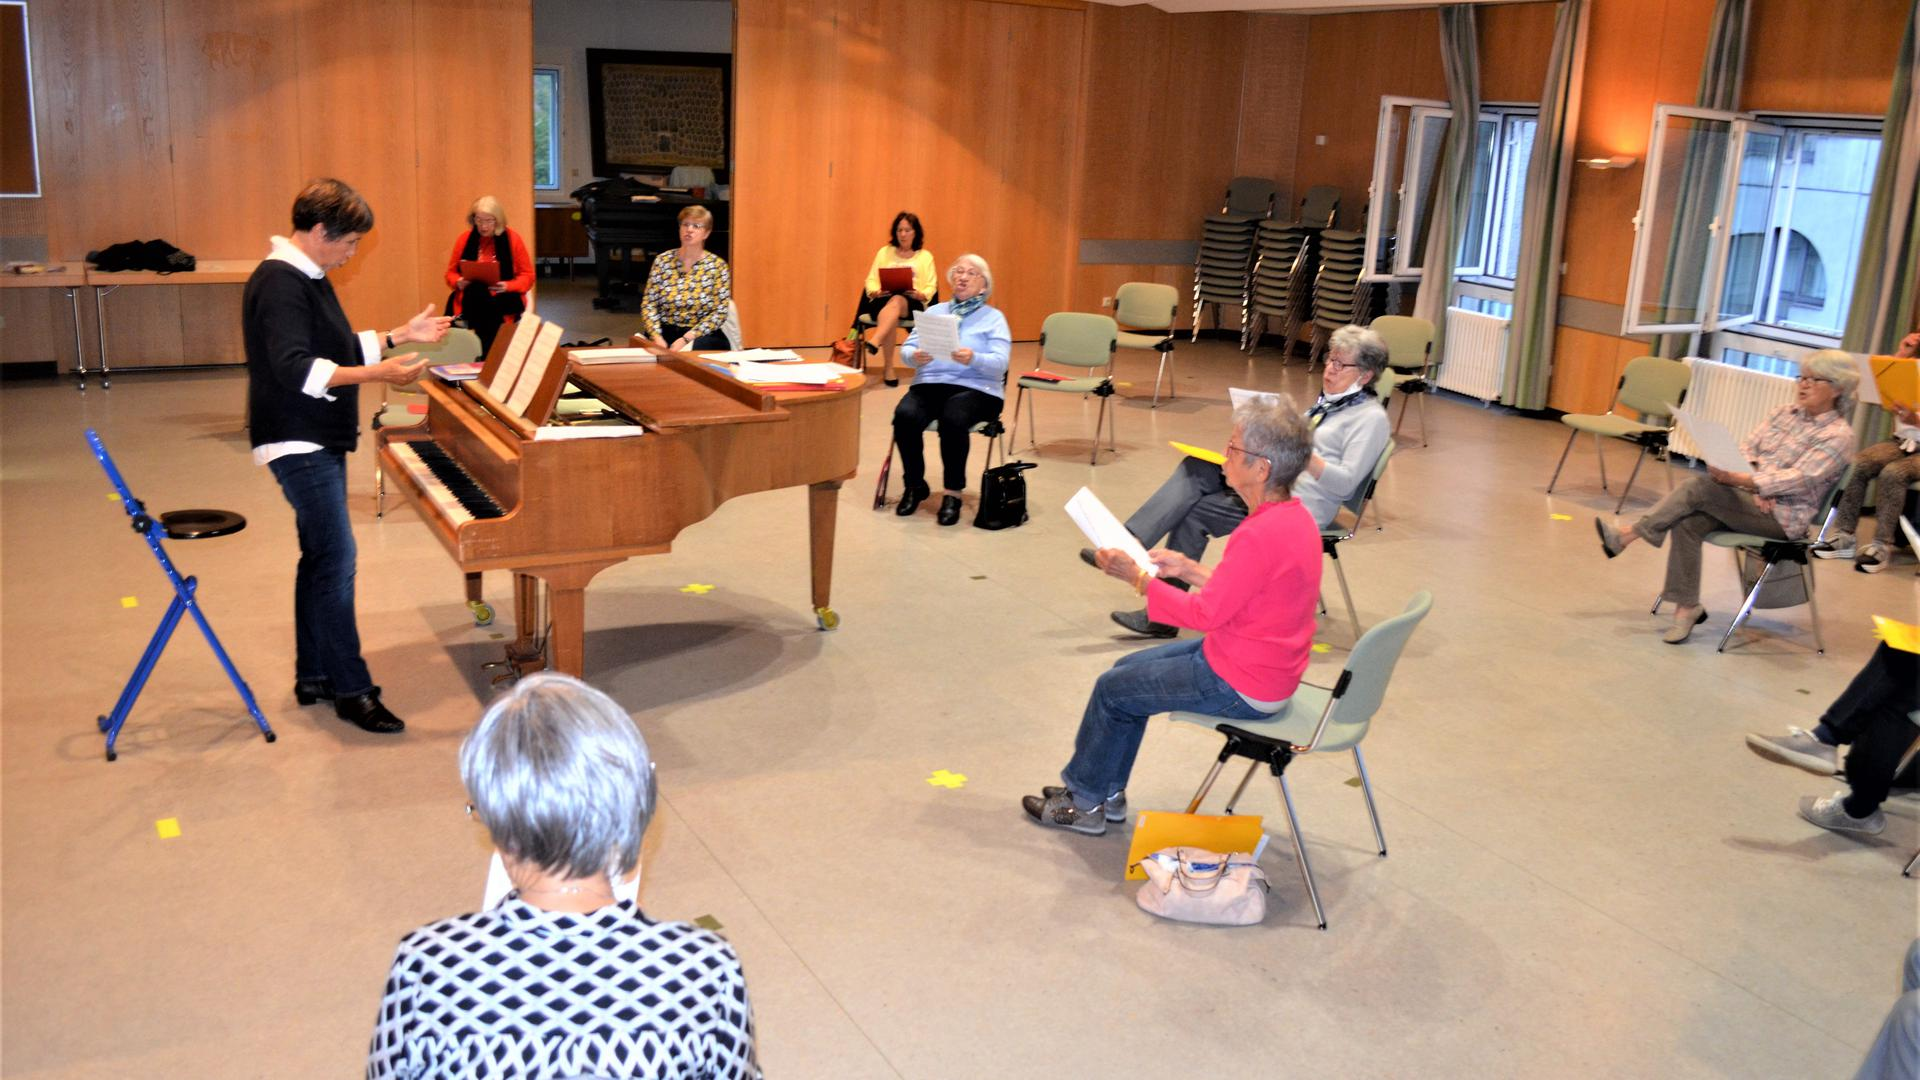 Mit einem Abstand von zwei Meter proben Frauen und Männer getrennt beim Gewerbe-Gesang-Verein Gaggenau